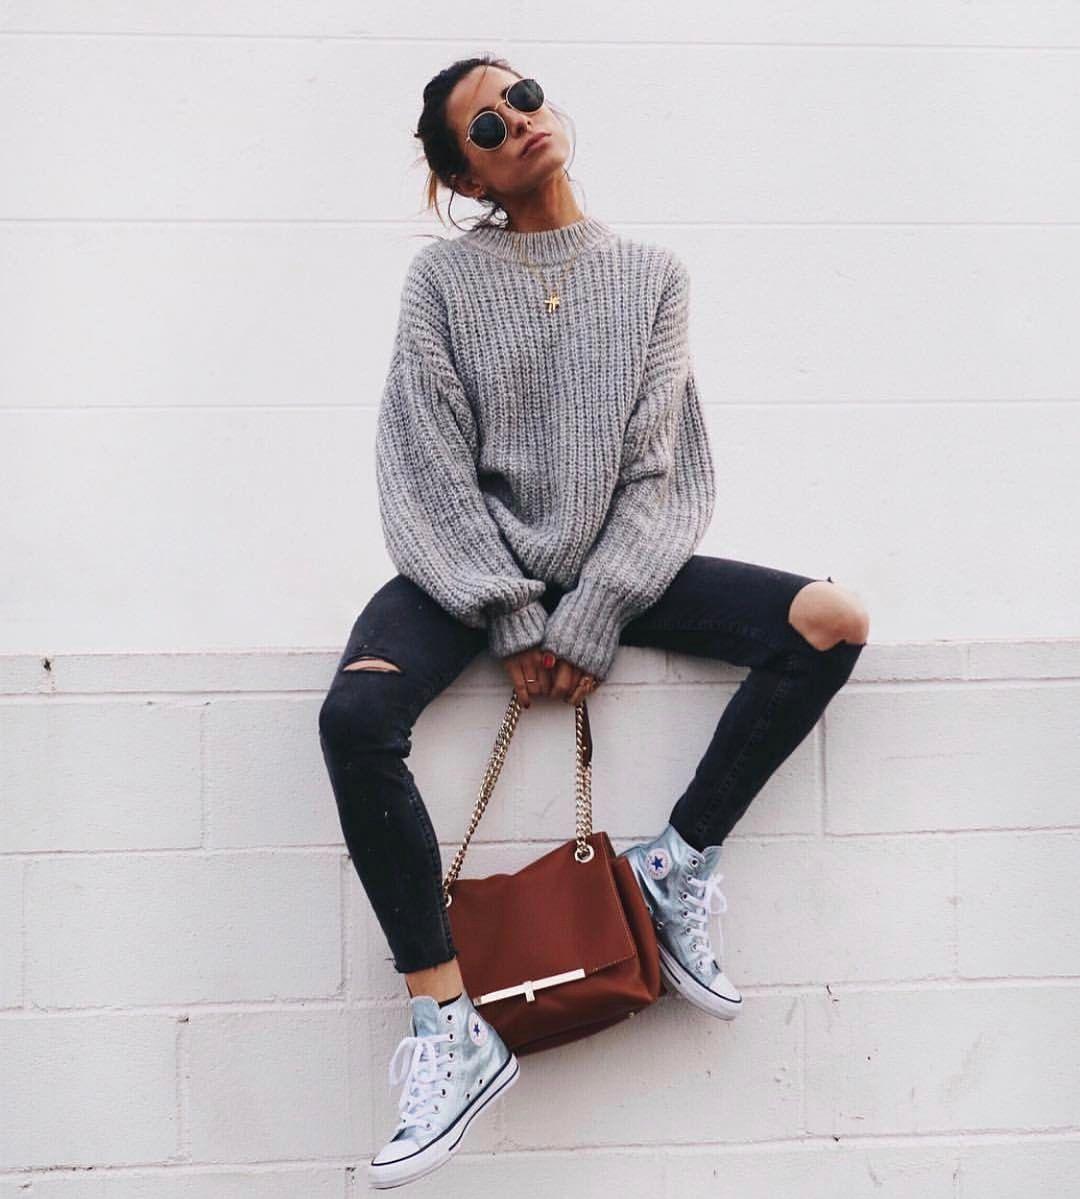 Sonbahar Moda Stiline Fransız Giyim Tarzı